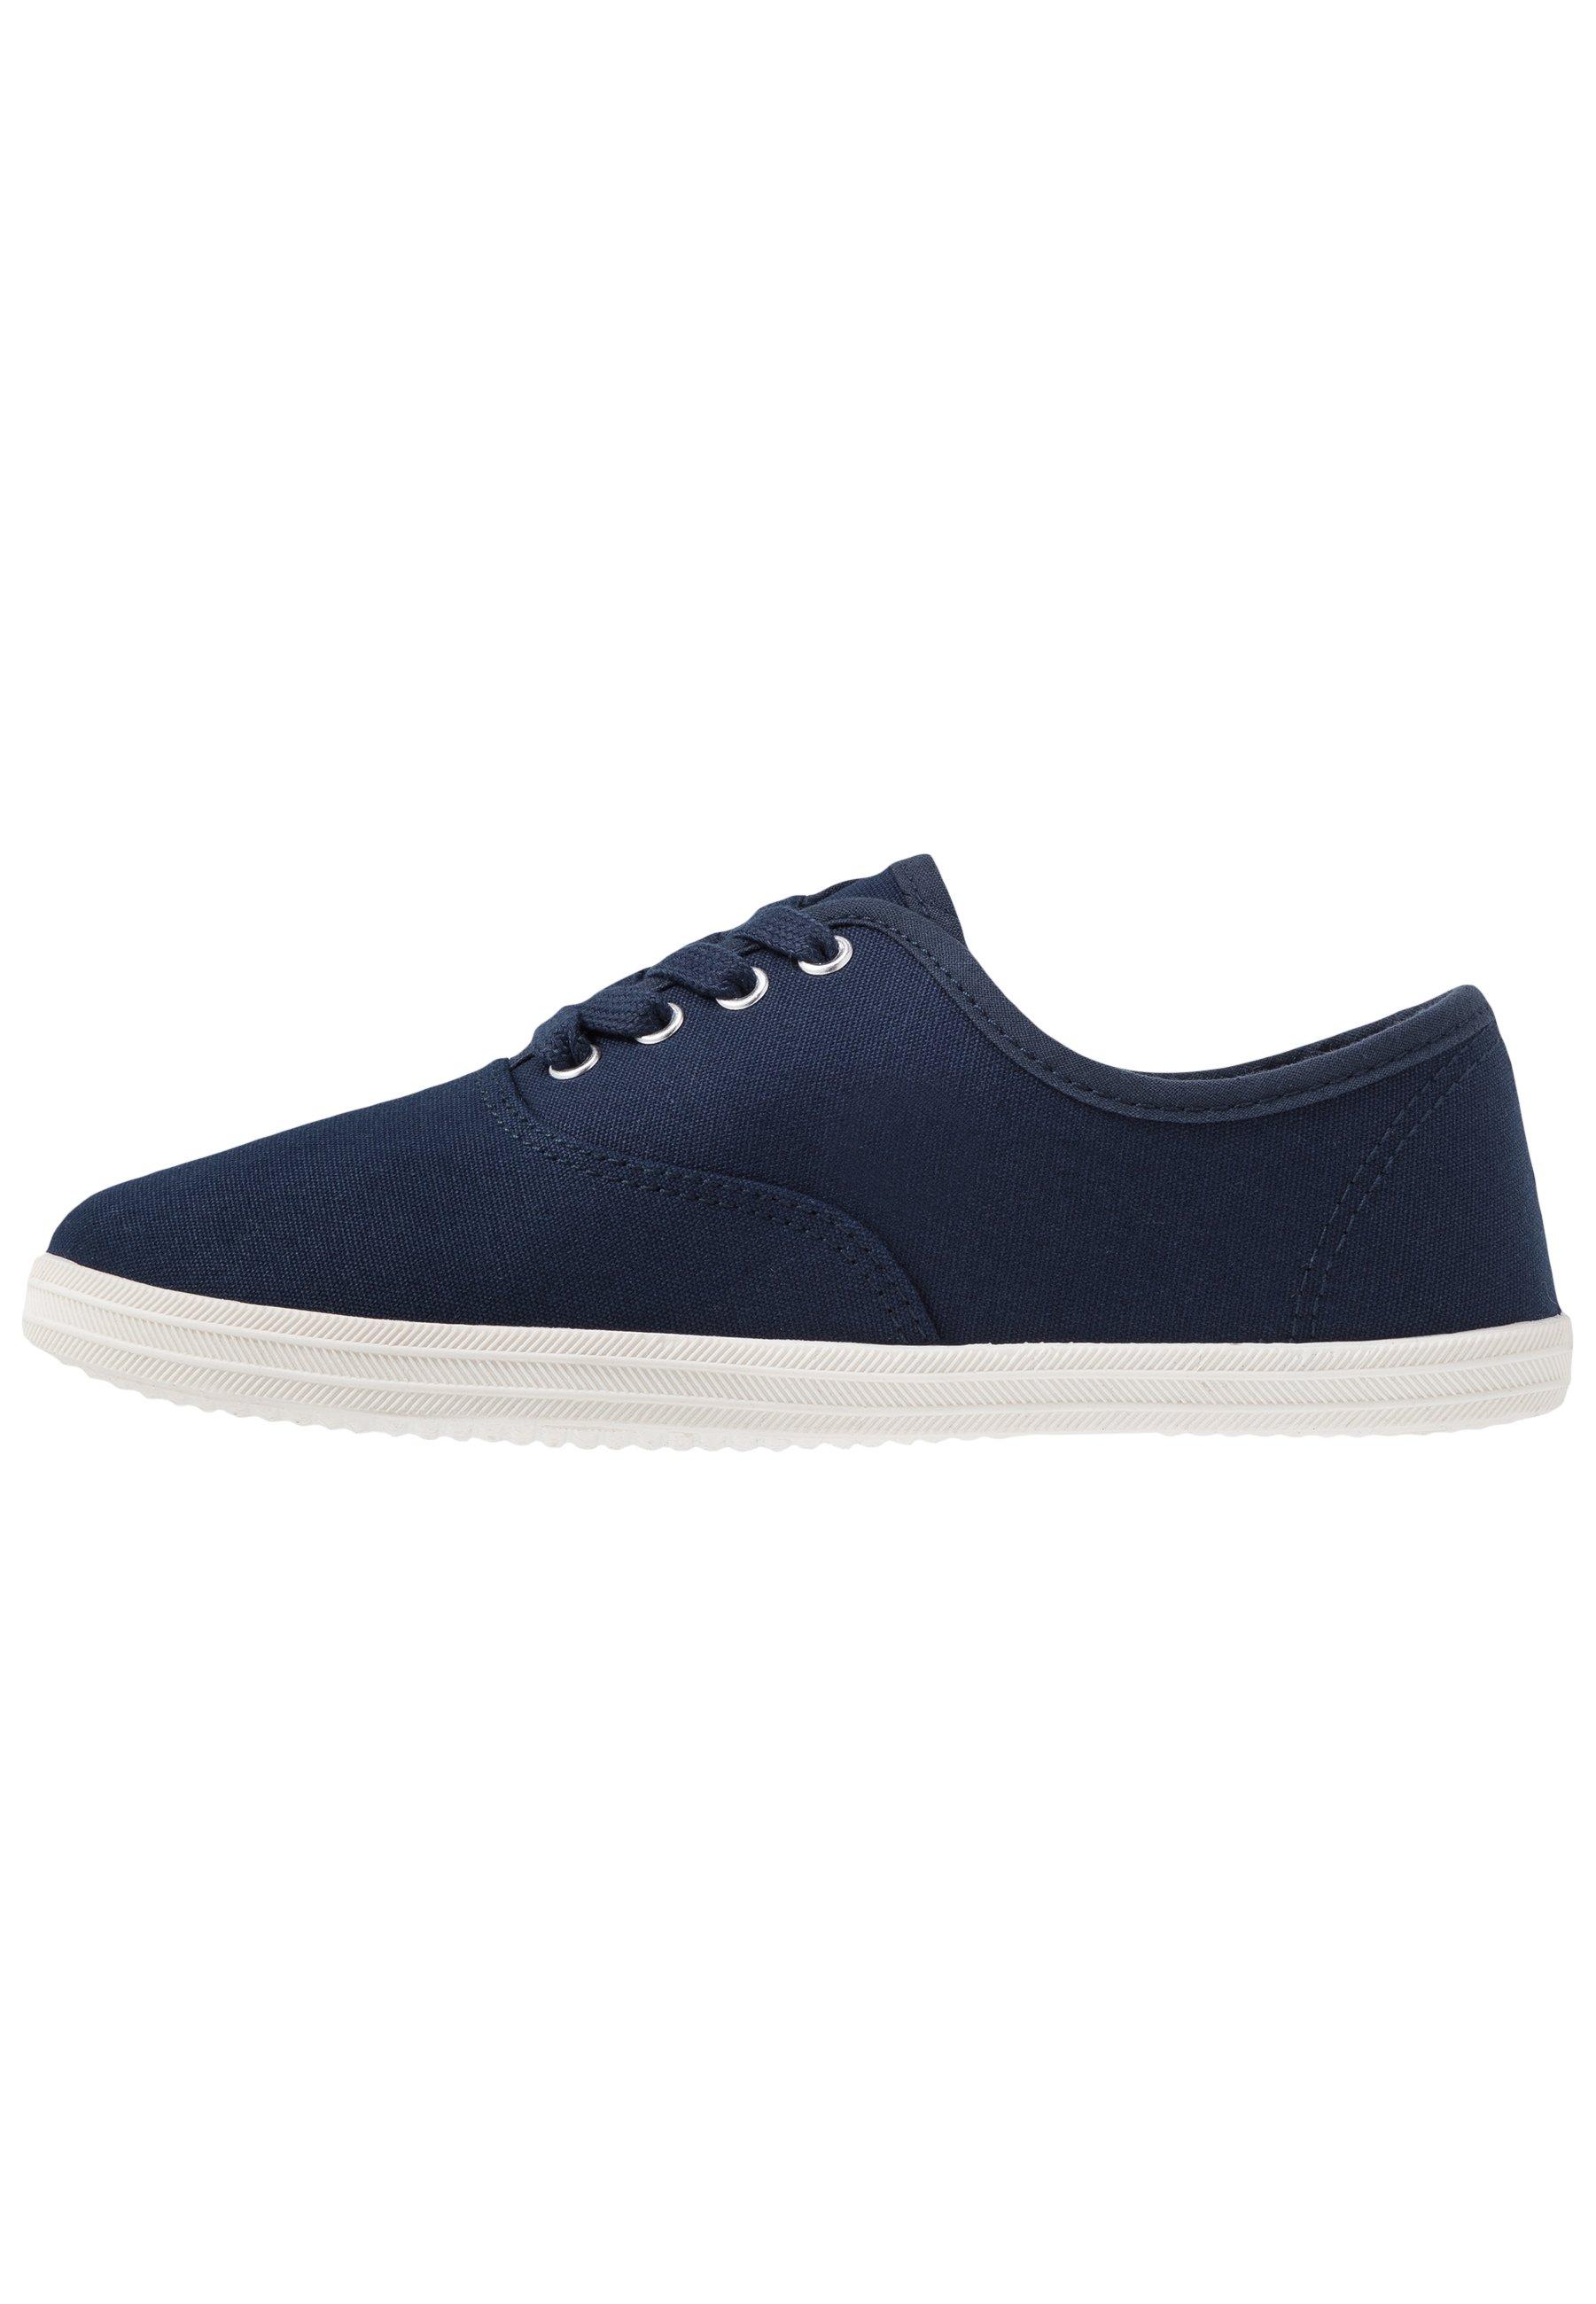 CALANDO Sneakers - dark blue